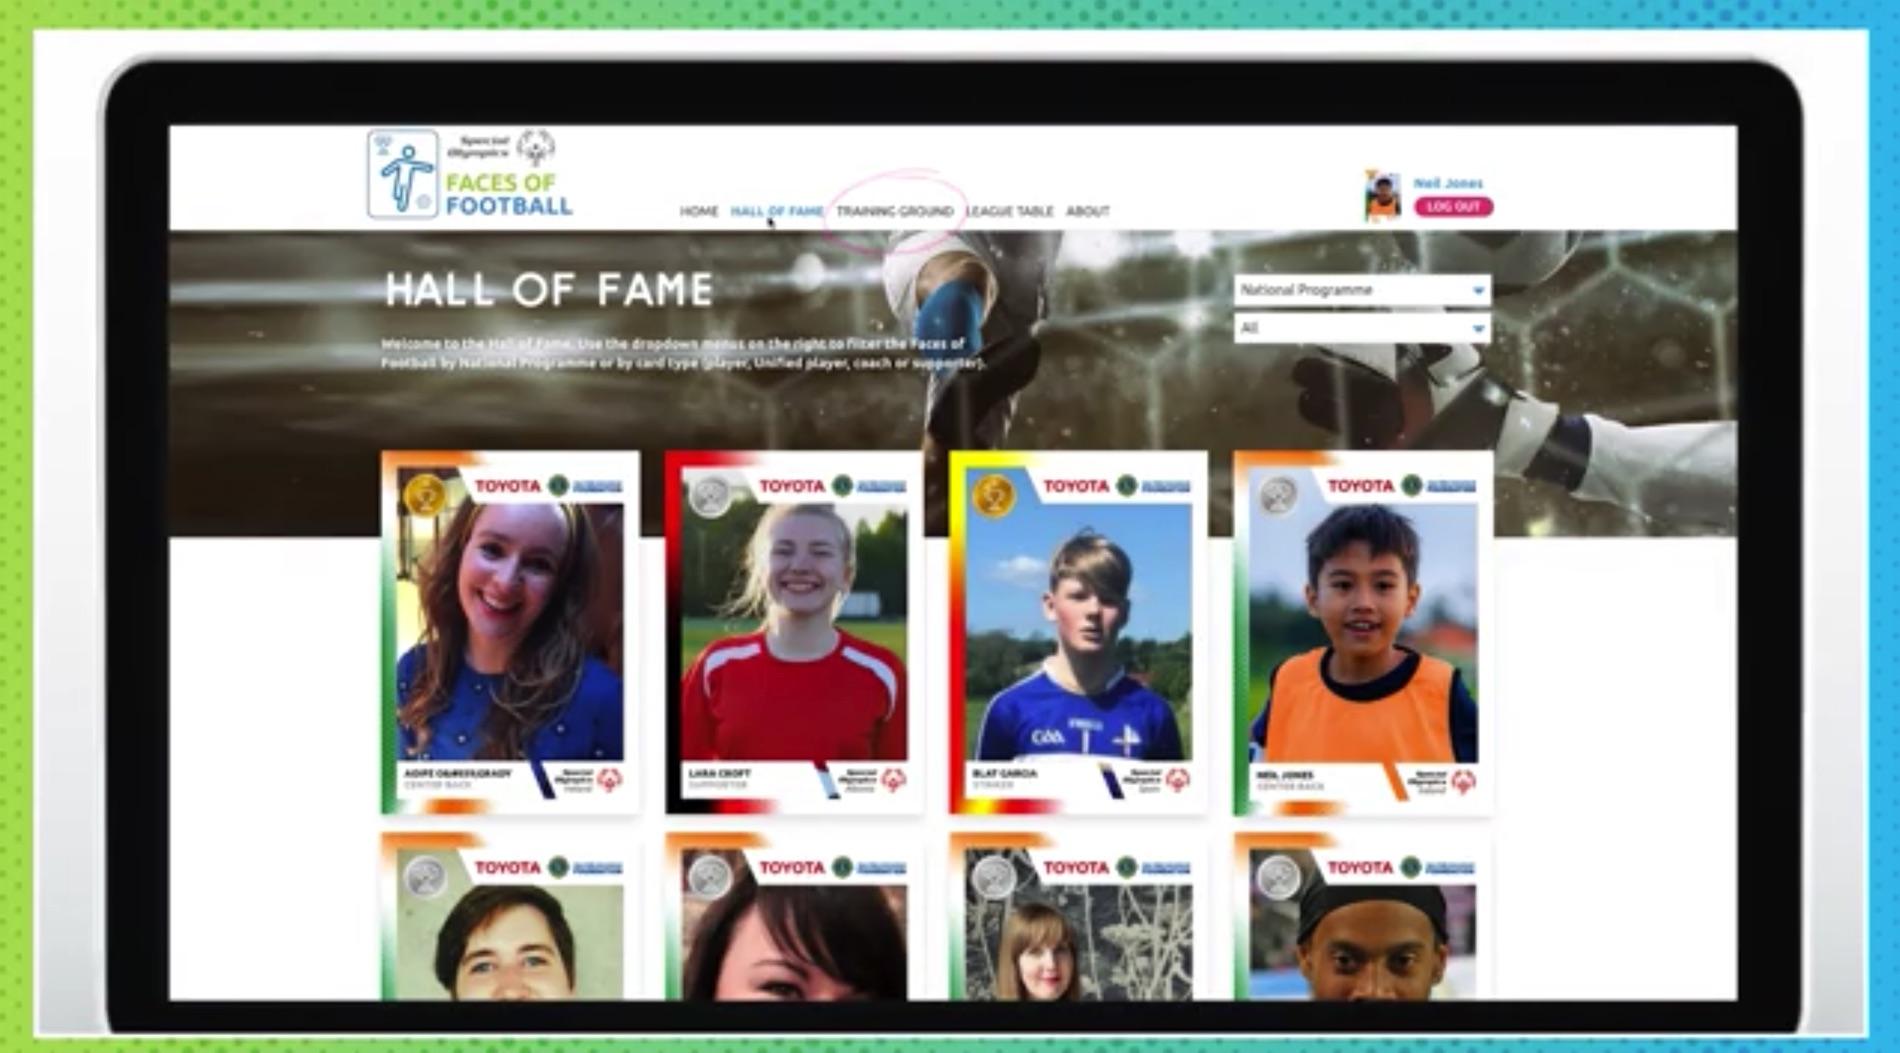 En datorskärm visar ett antal digitala fotbollskort.